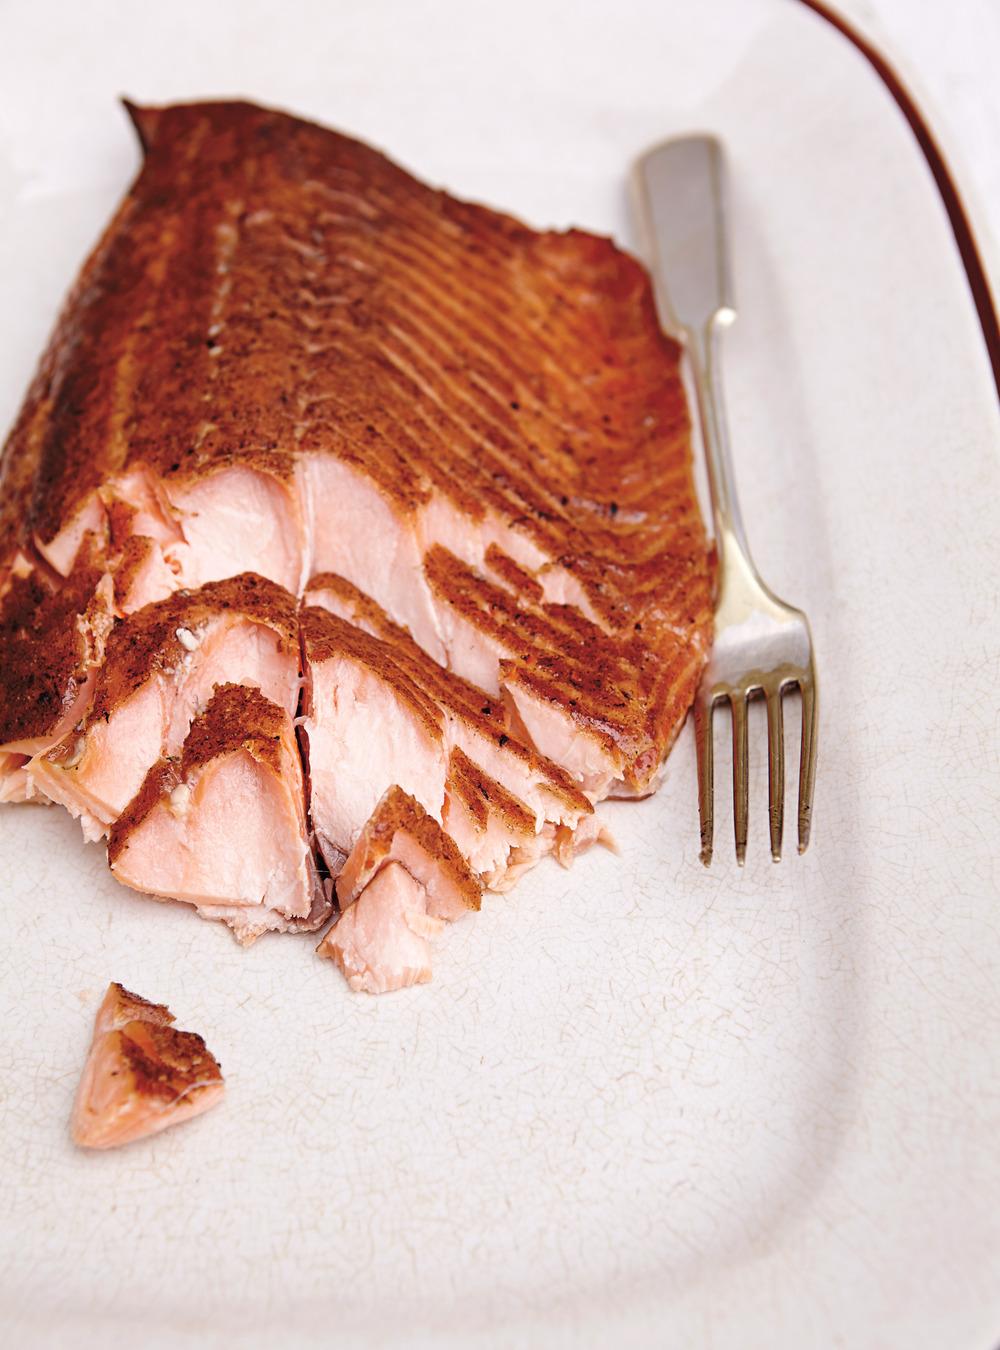 Faire Du Saumon Fumé : faire, saumon, fumé, Saumon, Fumé, Chaud, Ricardo